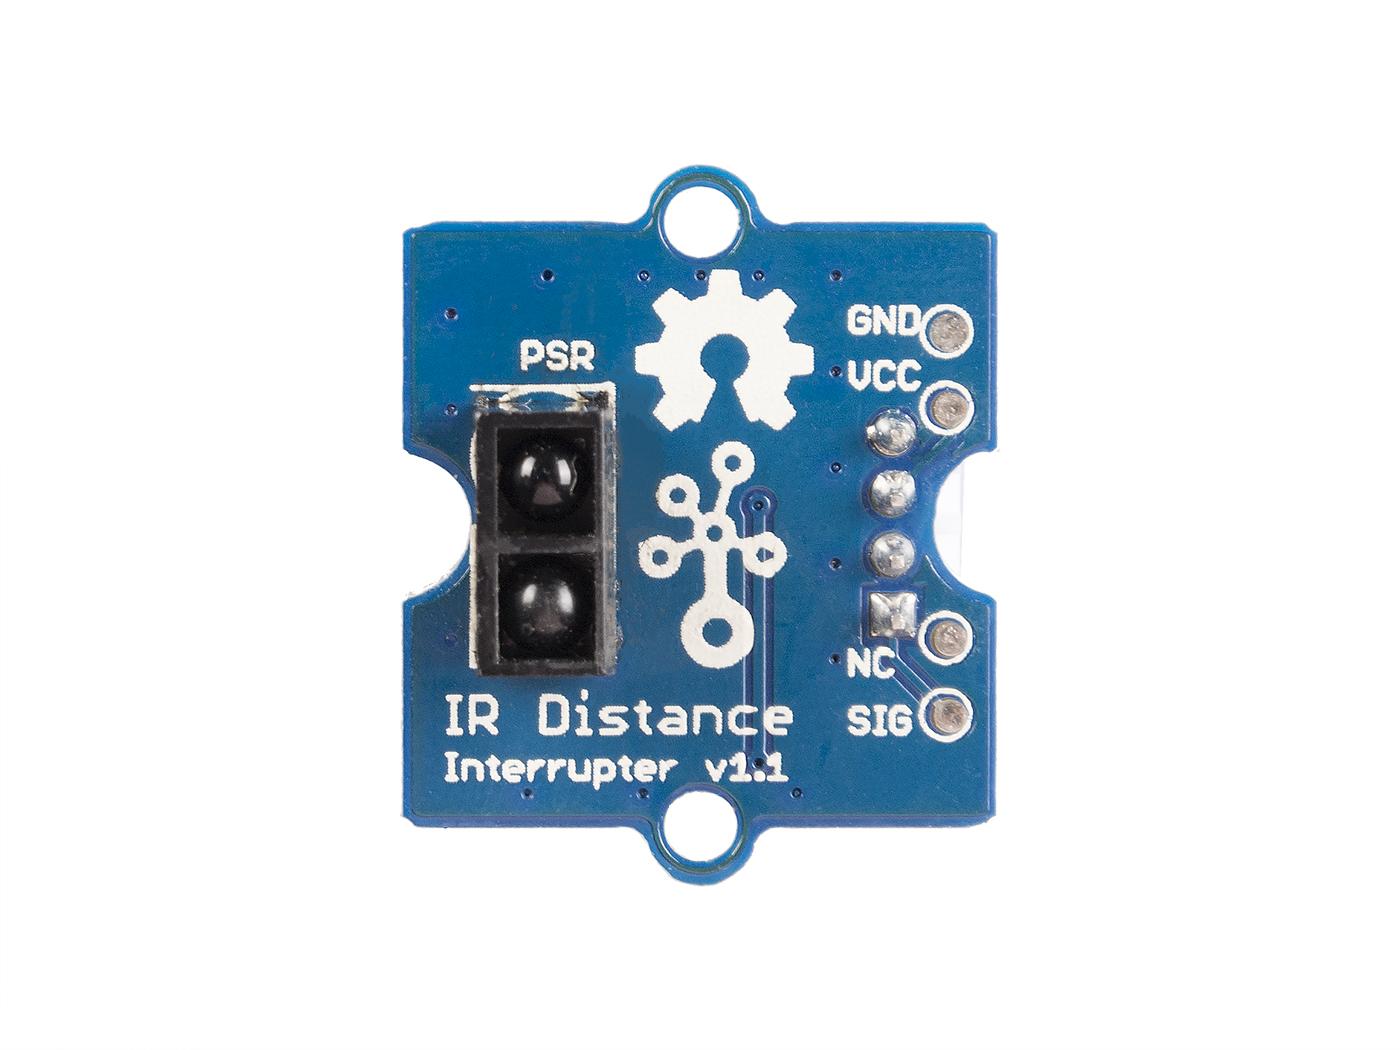 Grove - IR Distance Interrupter